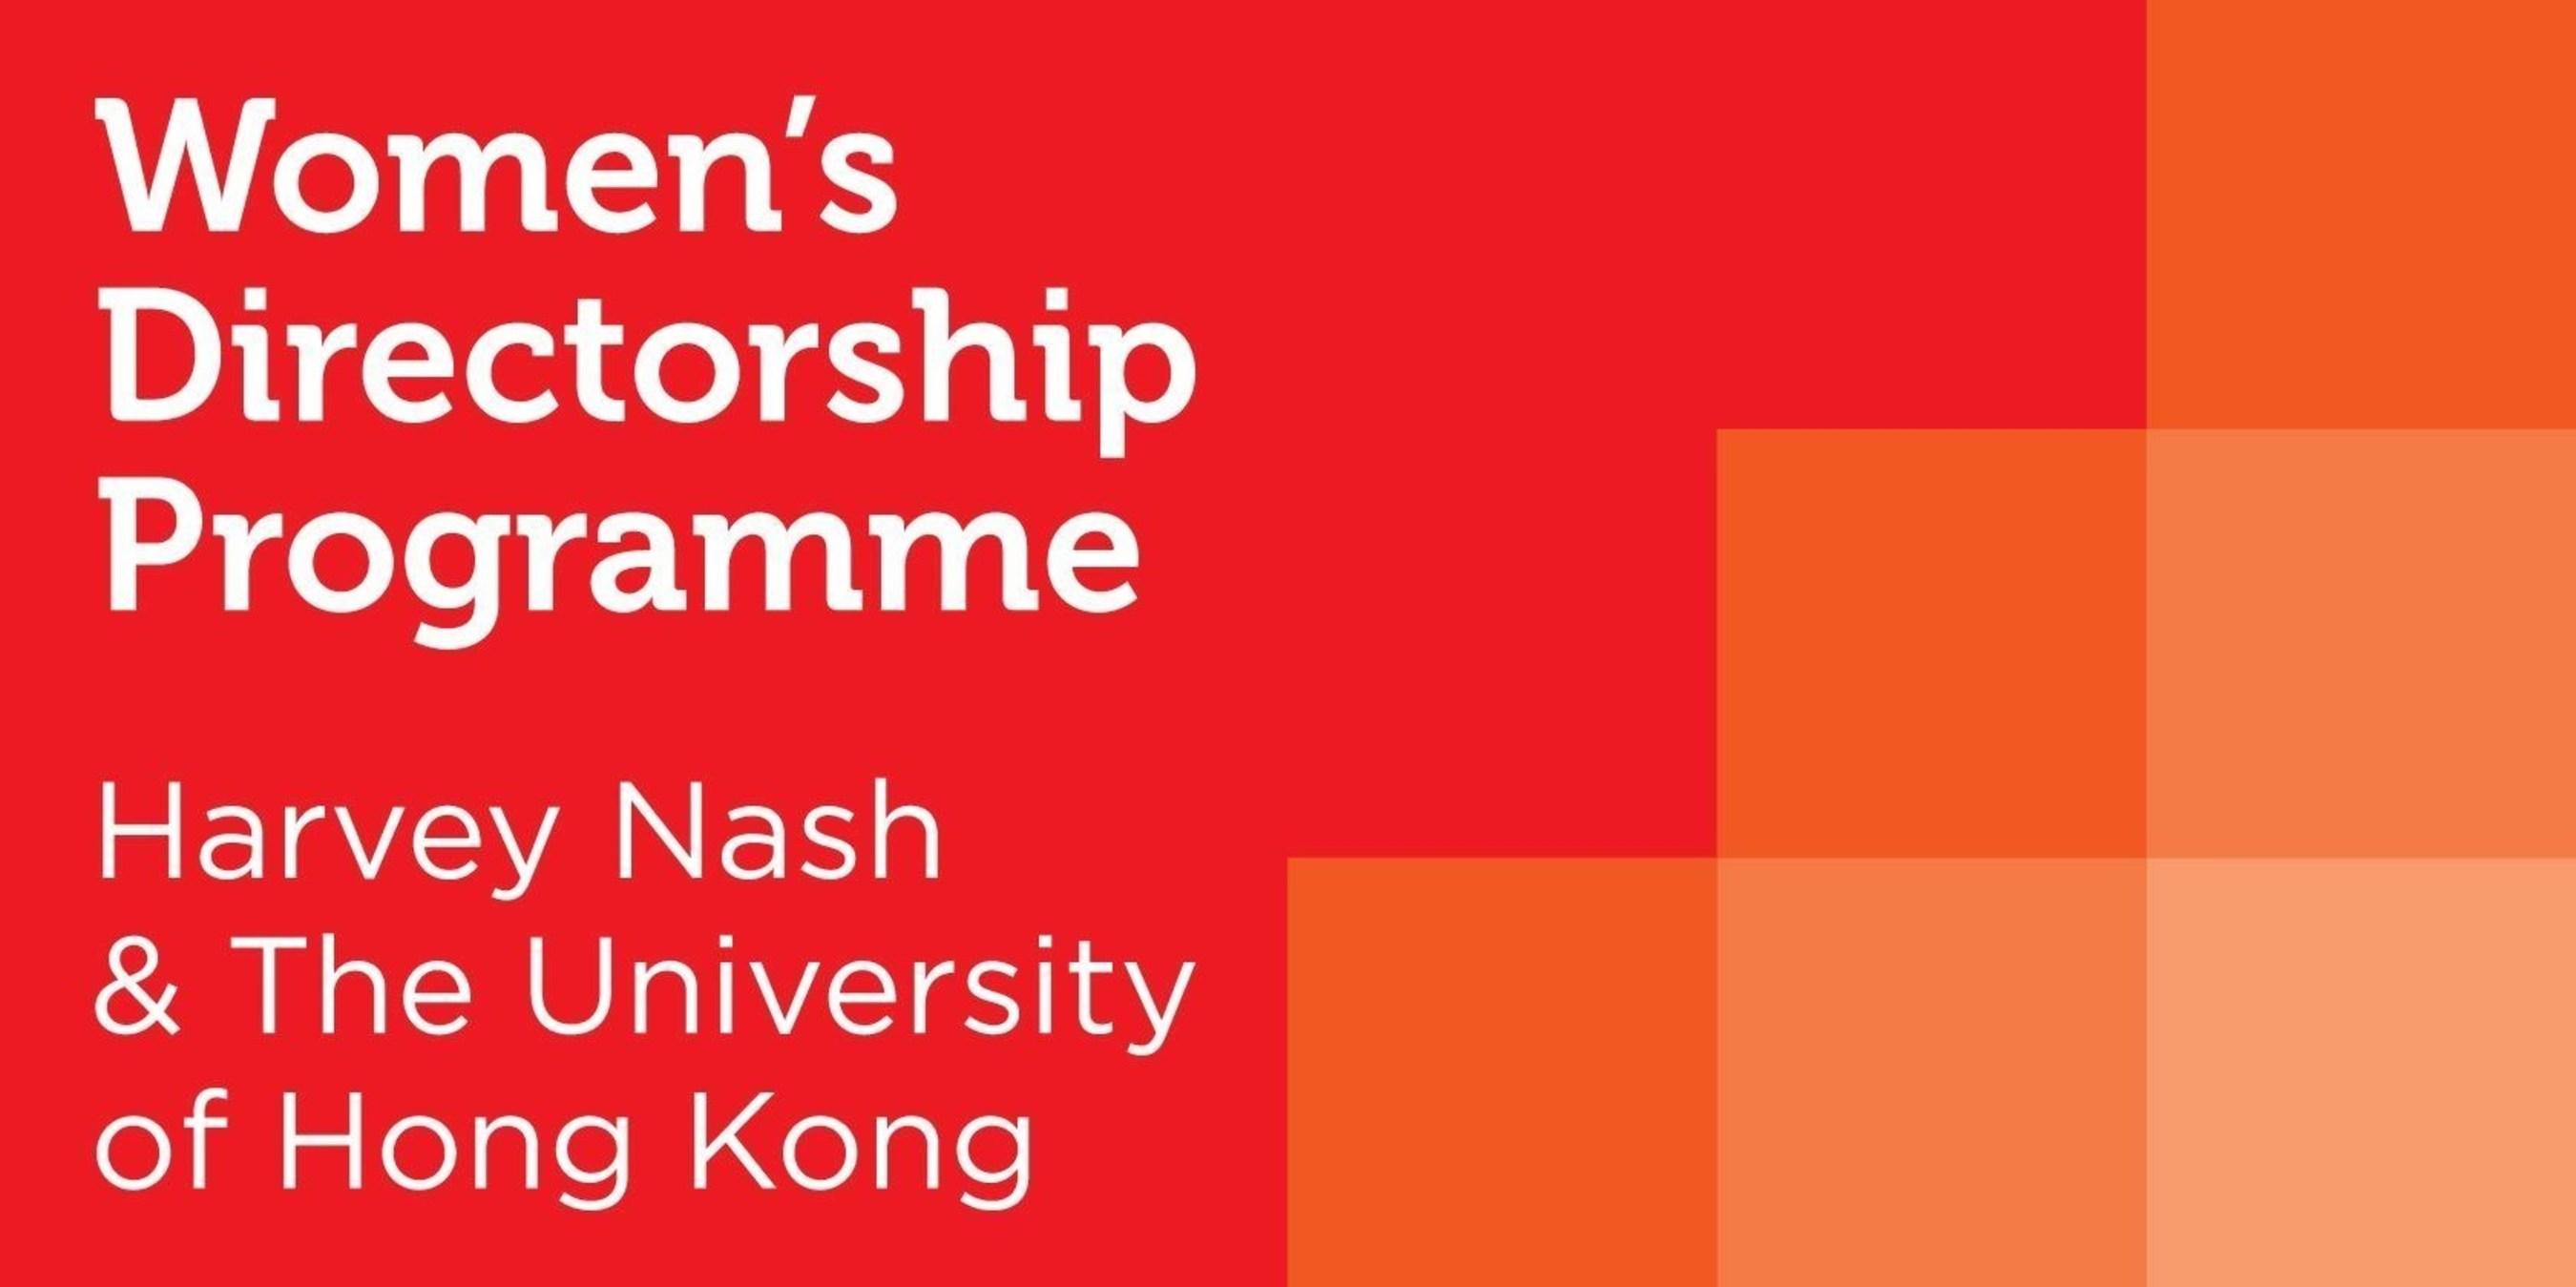 Harvey Nash e HKU lançam programa para incentivar o equilíbrio de gêneros em diretorias